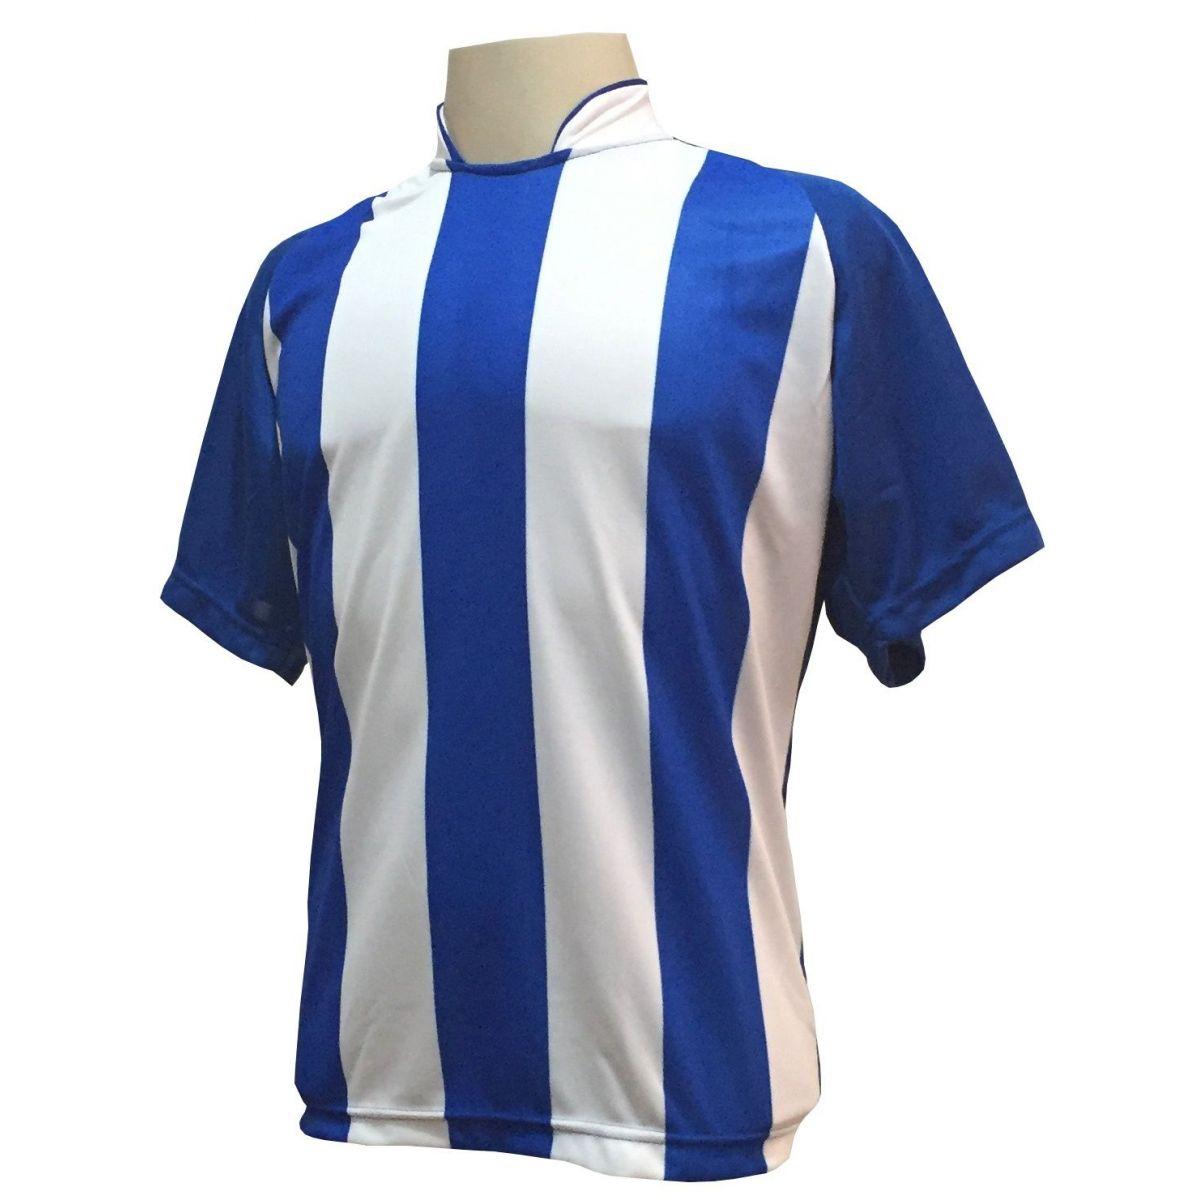 Uniforme Esportivo com 20 camisas modelo Milan Royal/Branco + 20 calções modelo Copa royal/branco + 1 Goleiro + Brindes